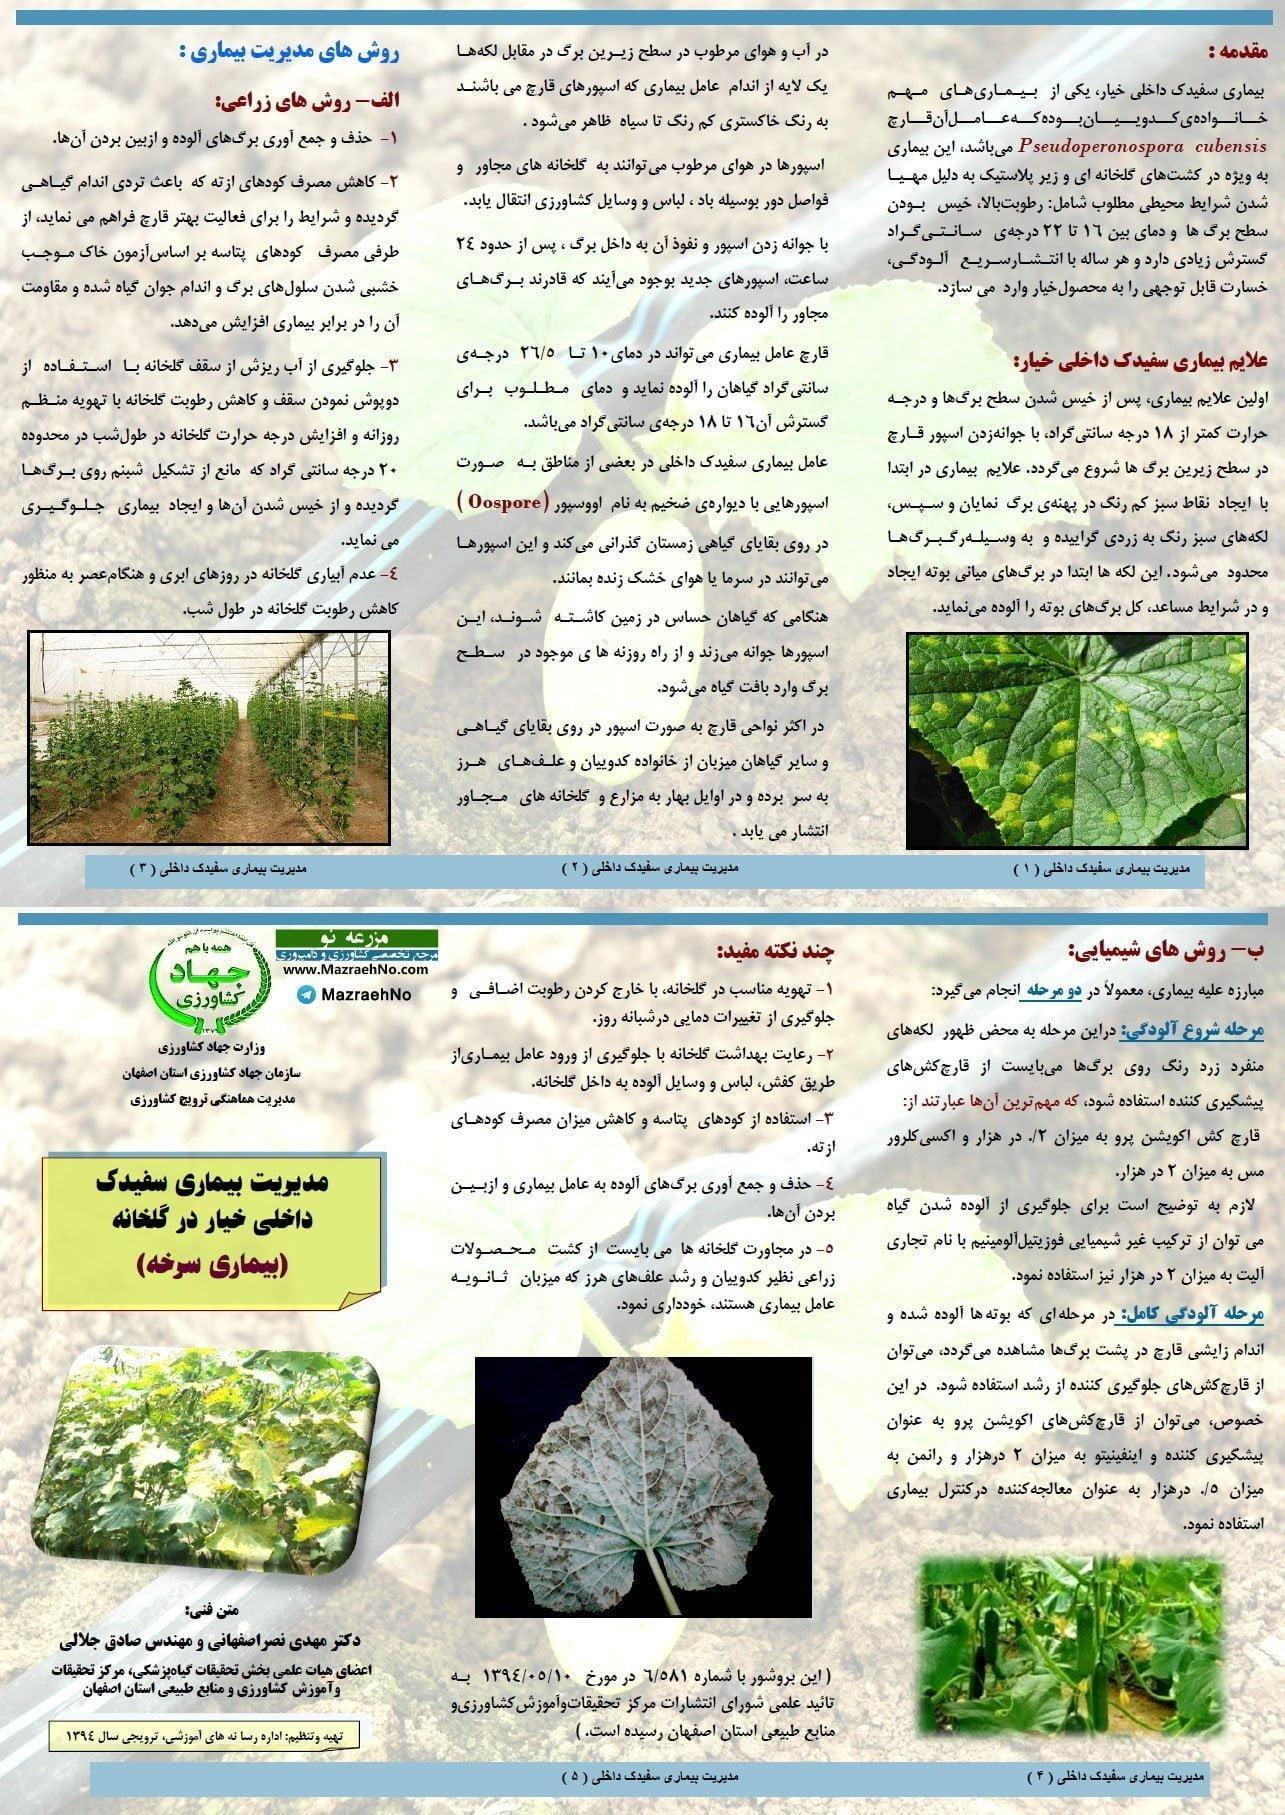 مدیریت بیماری سفیدک داخلی خیار در گلخانه (بیماری سرخه)